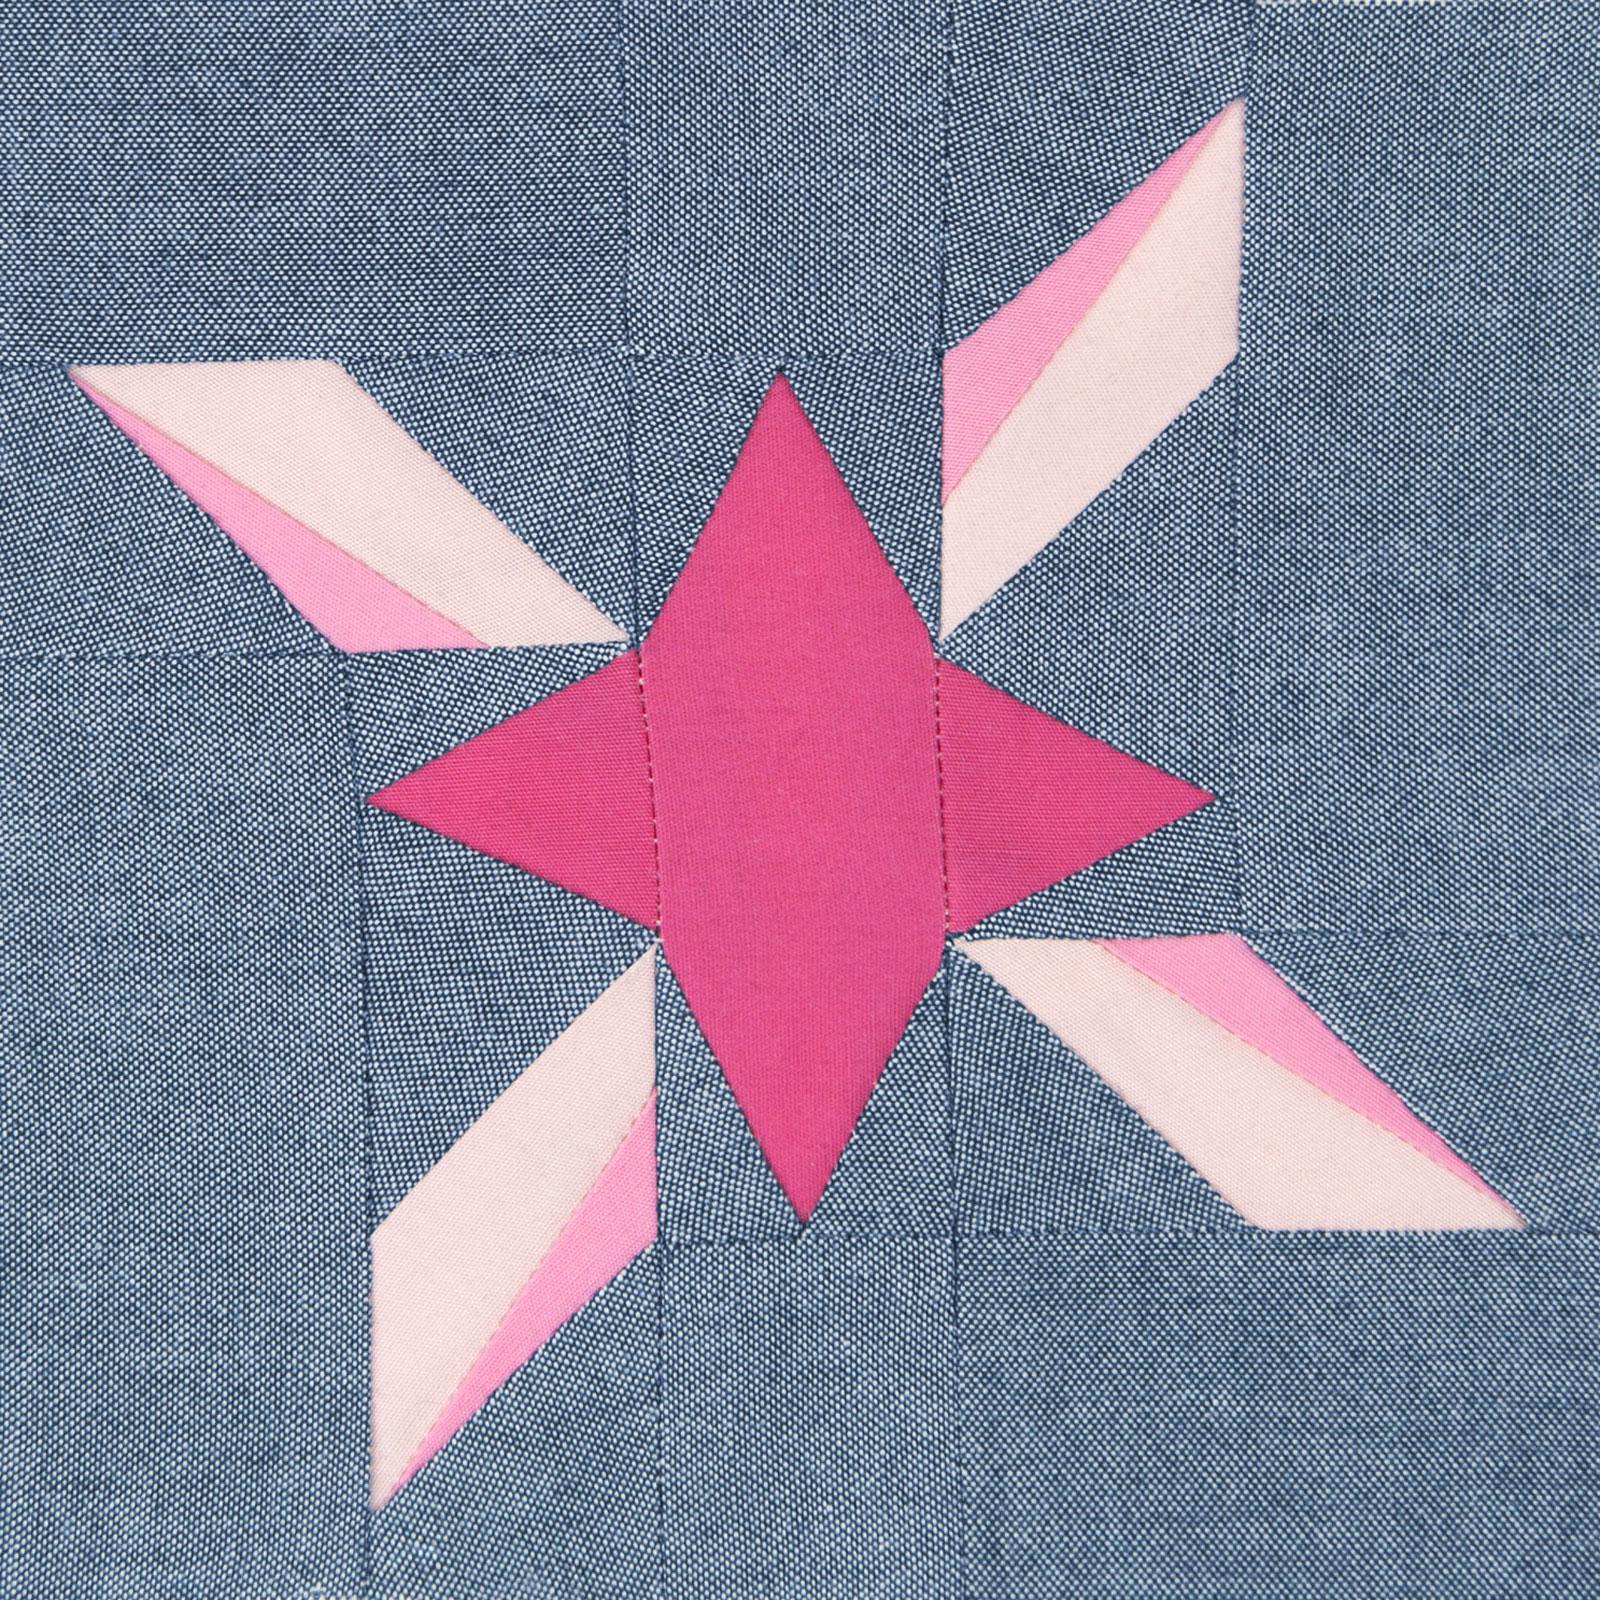 Lodestars quilt block #21: Eunice